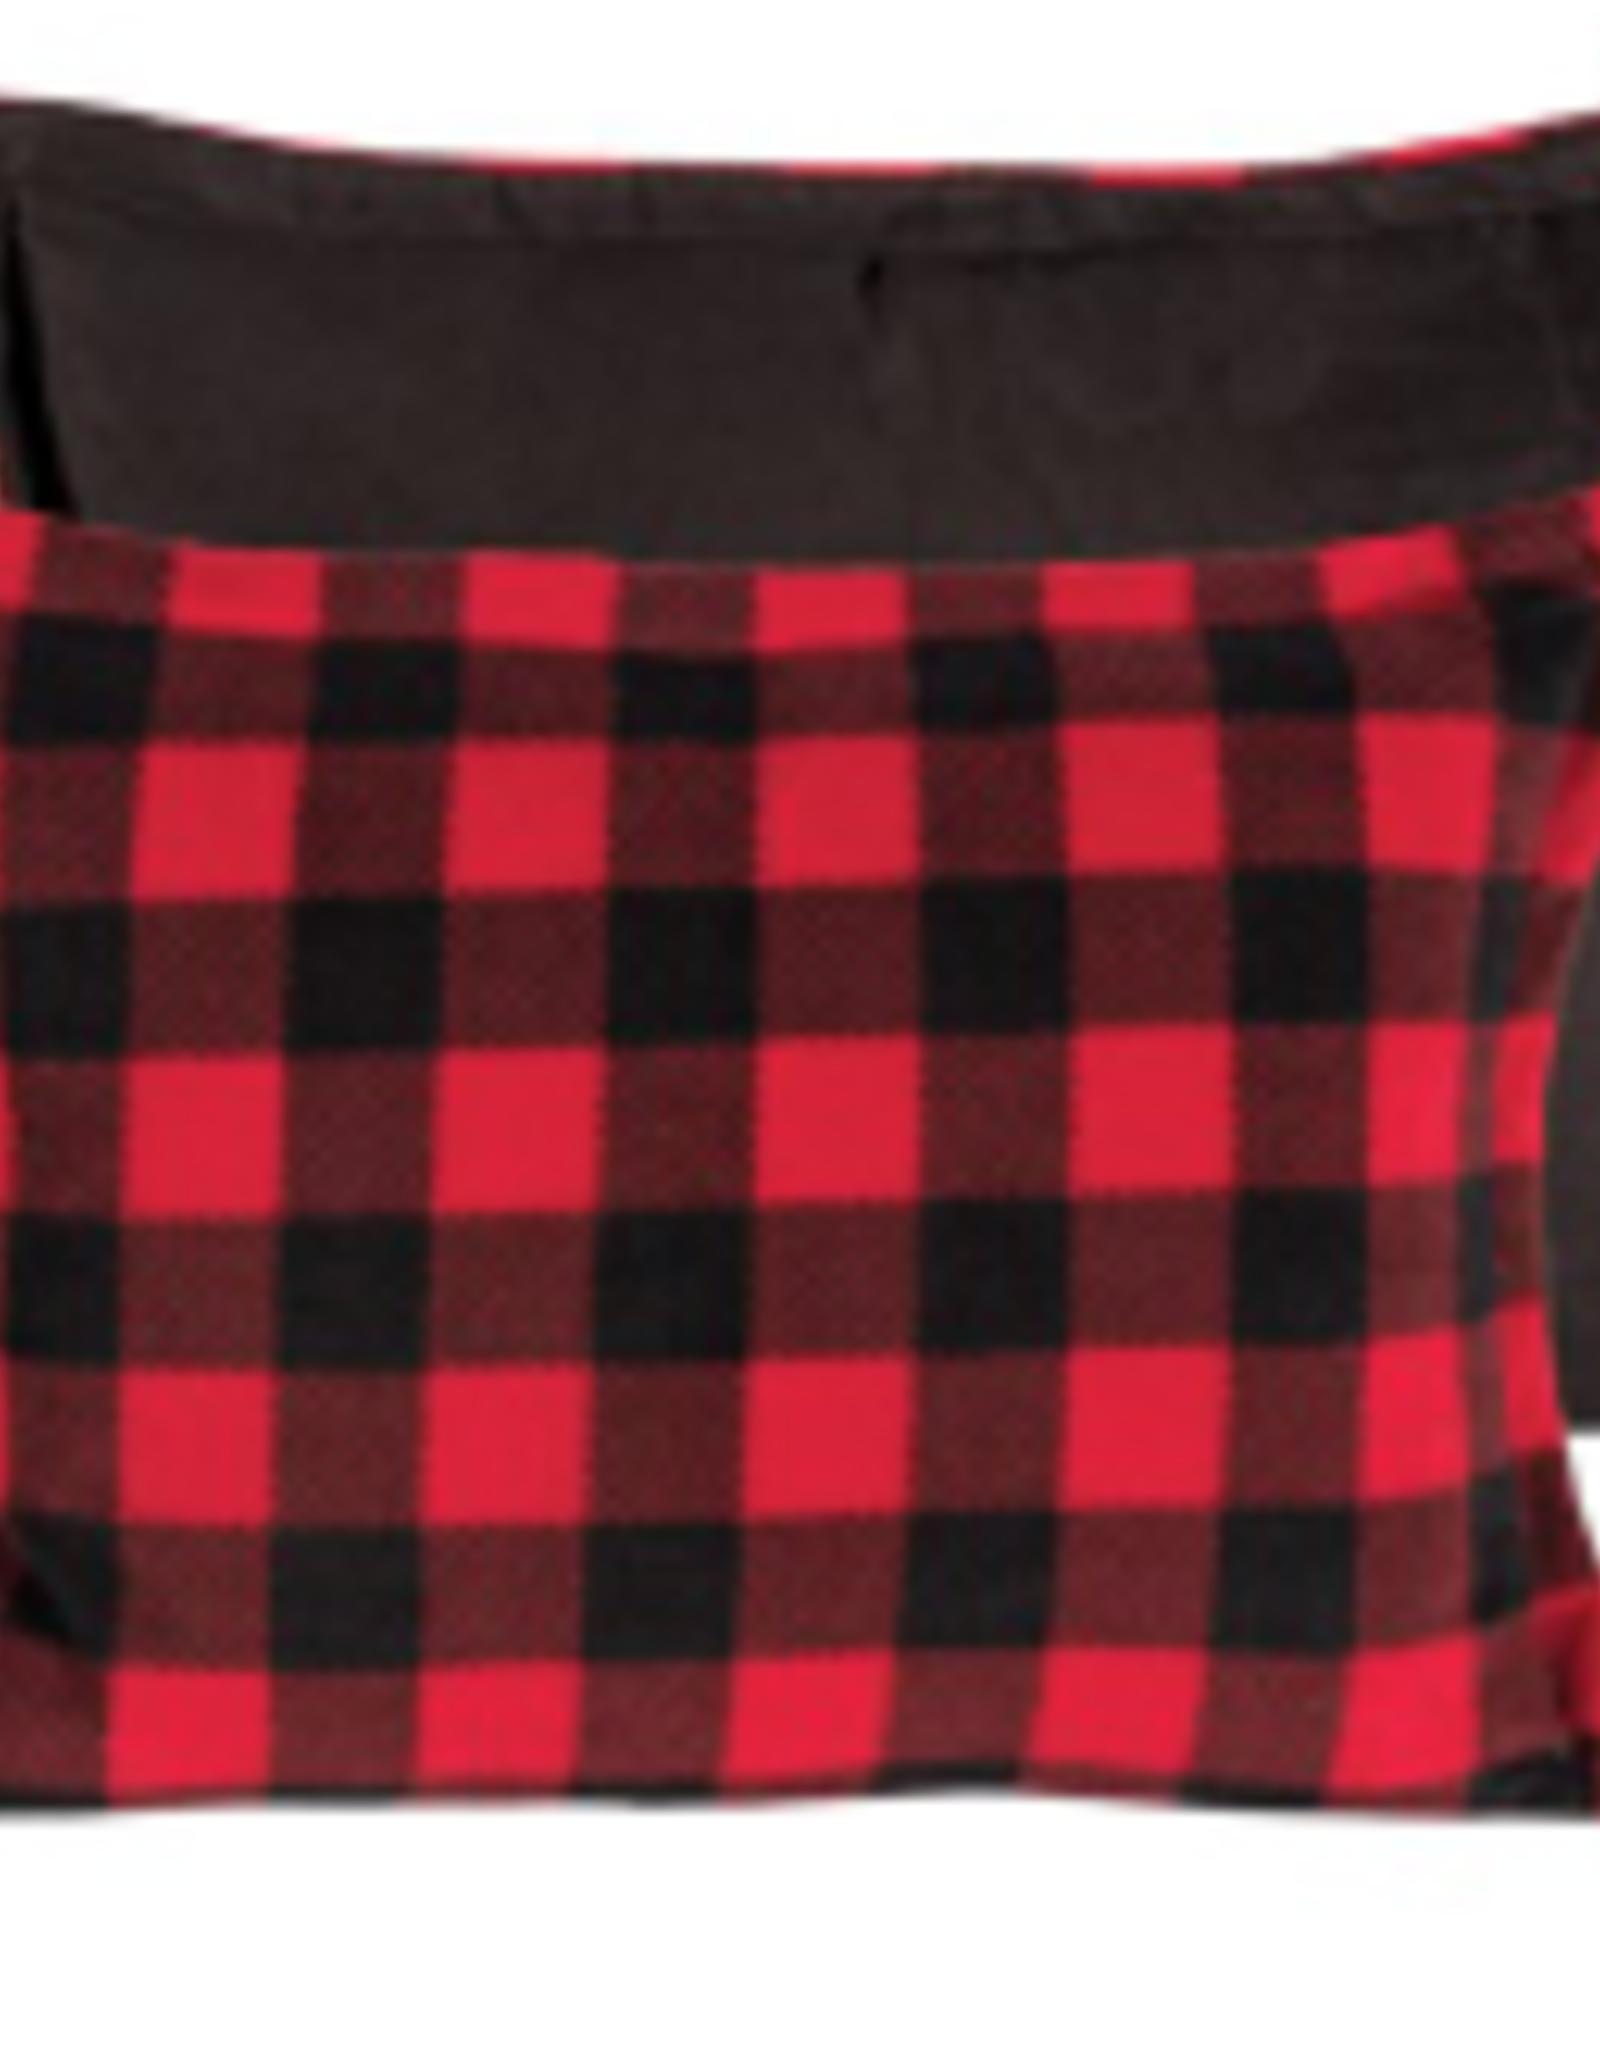 Coussin rouge et noir 14 x 24